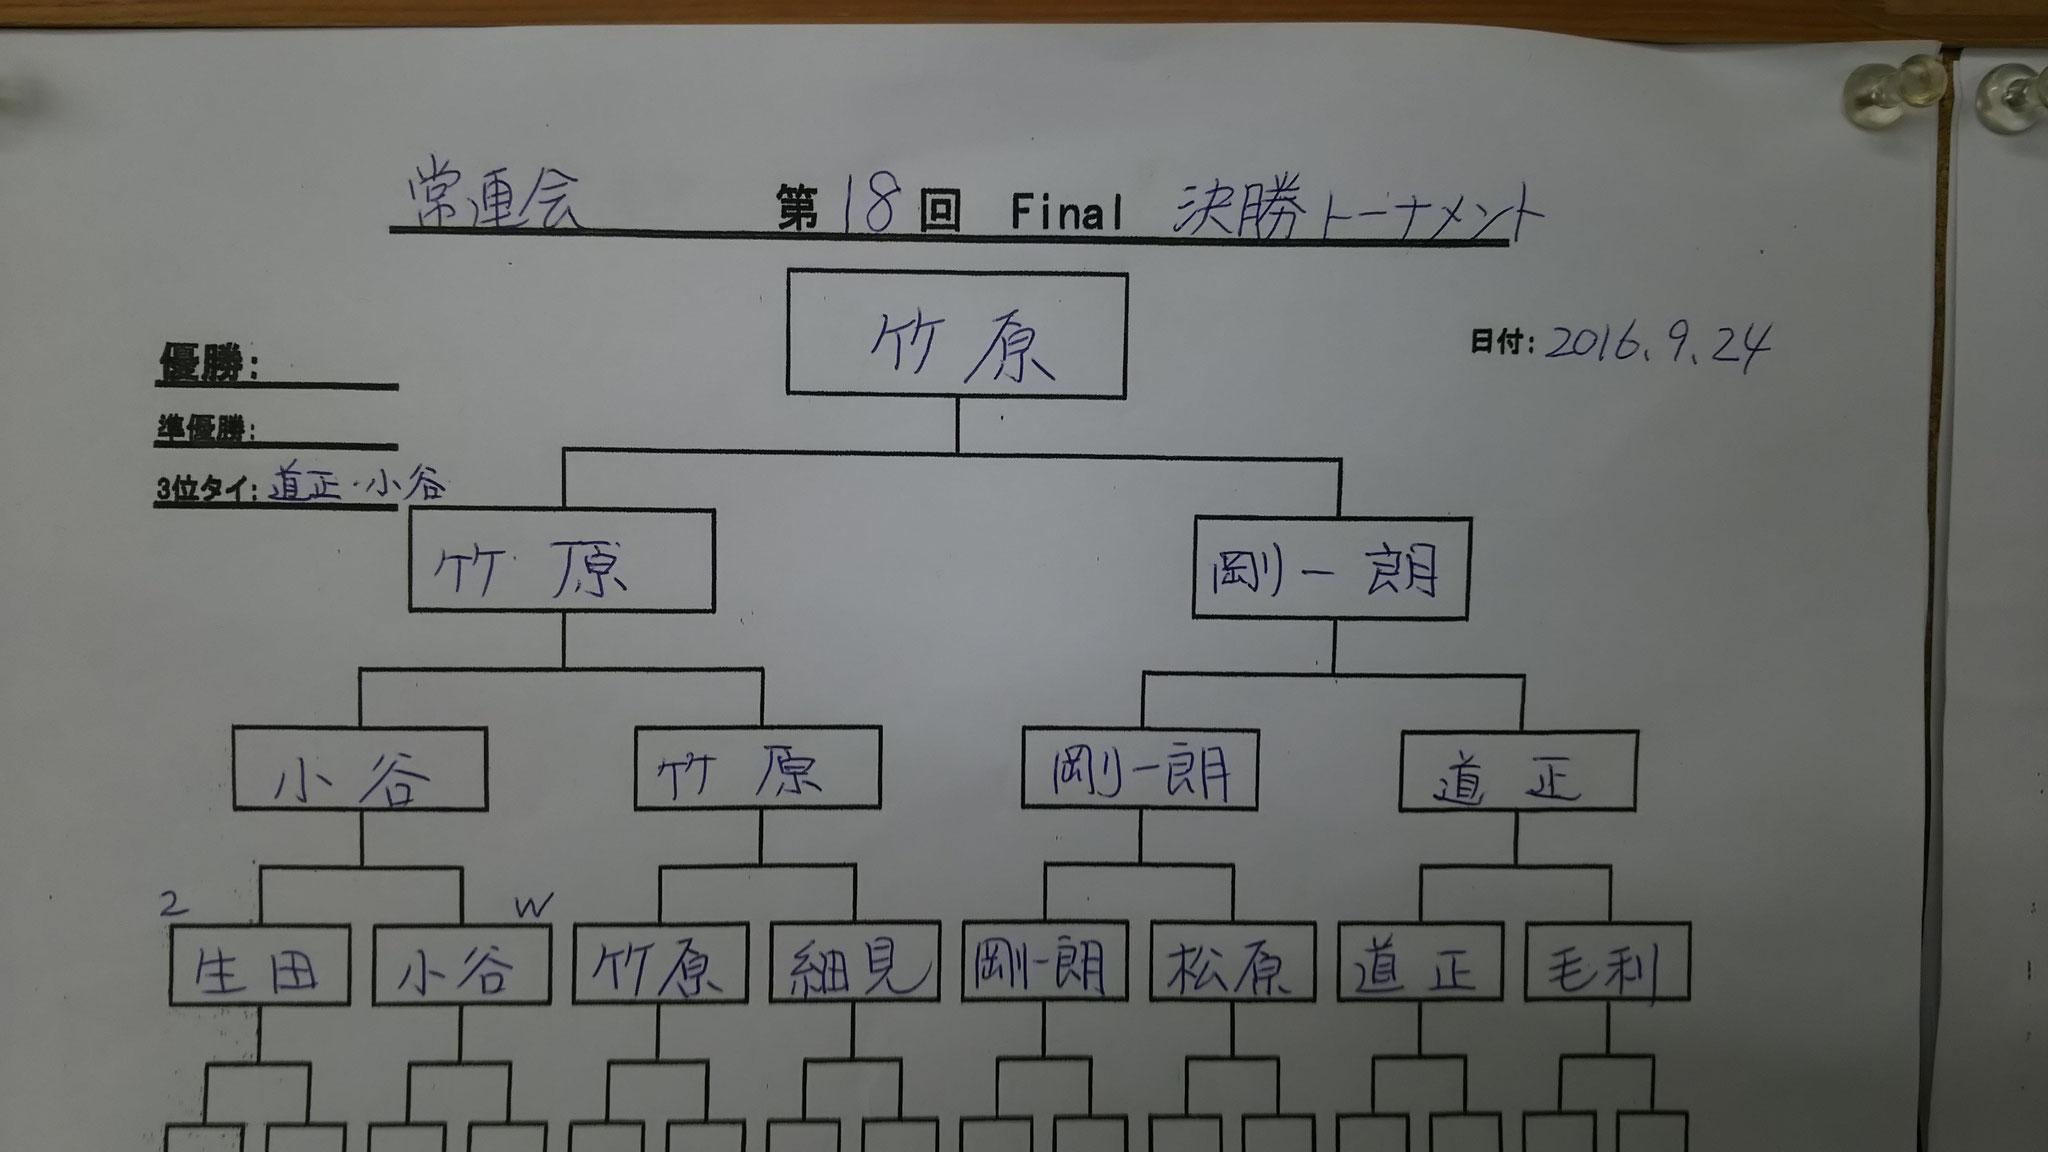 決勝トーナメント表